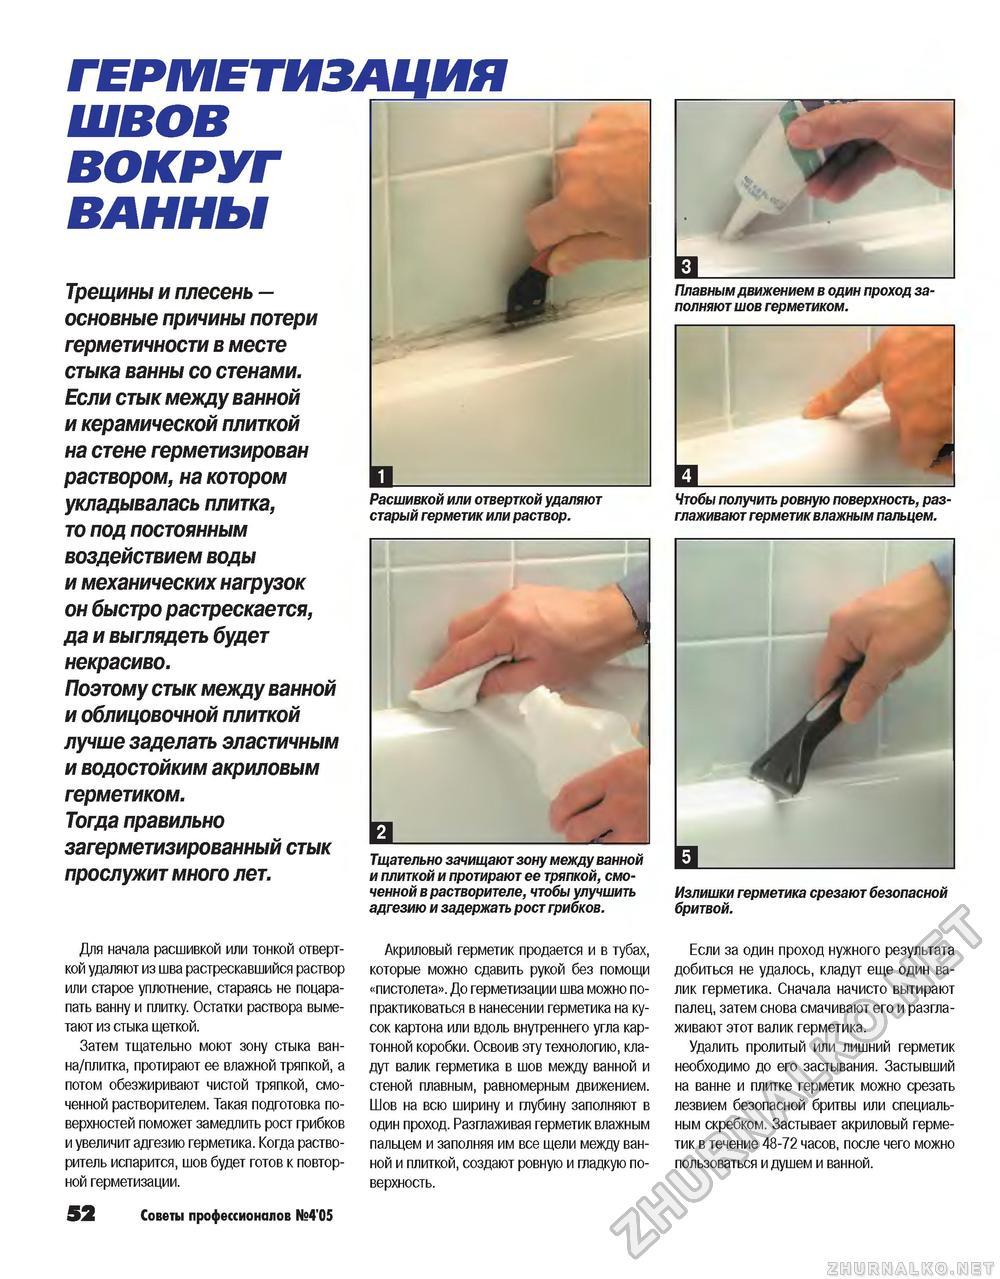 Как заделать стык между ванной и стеной: монтажный инструктаж 84